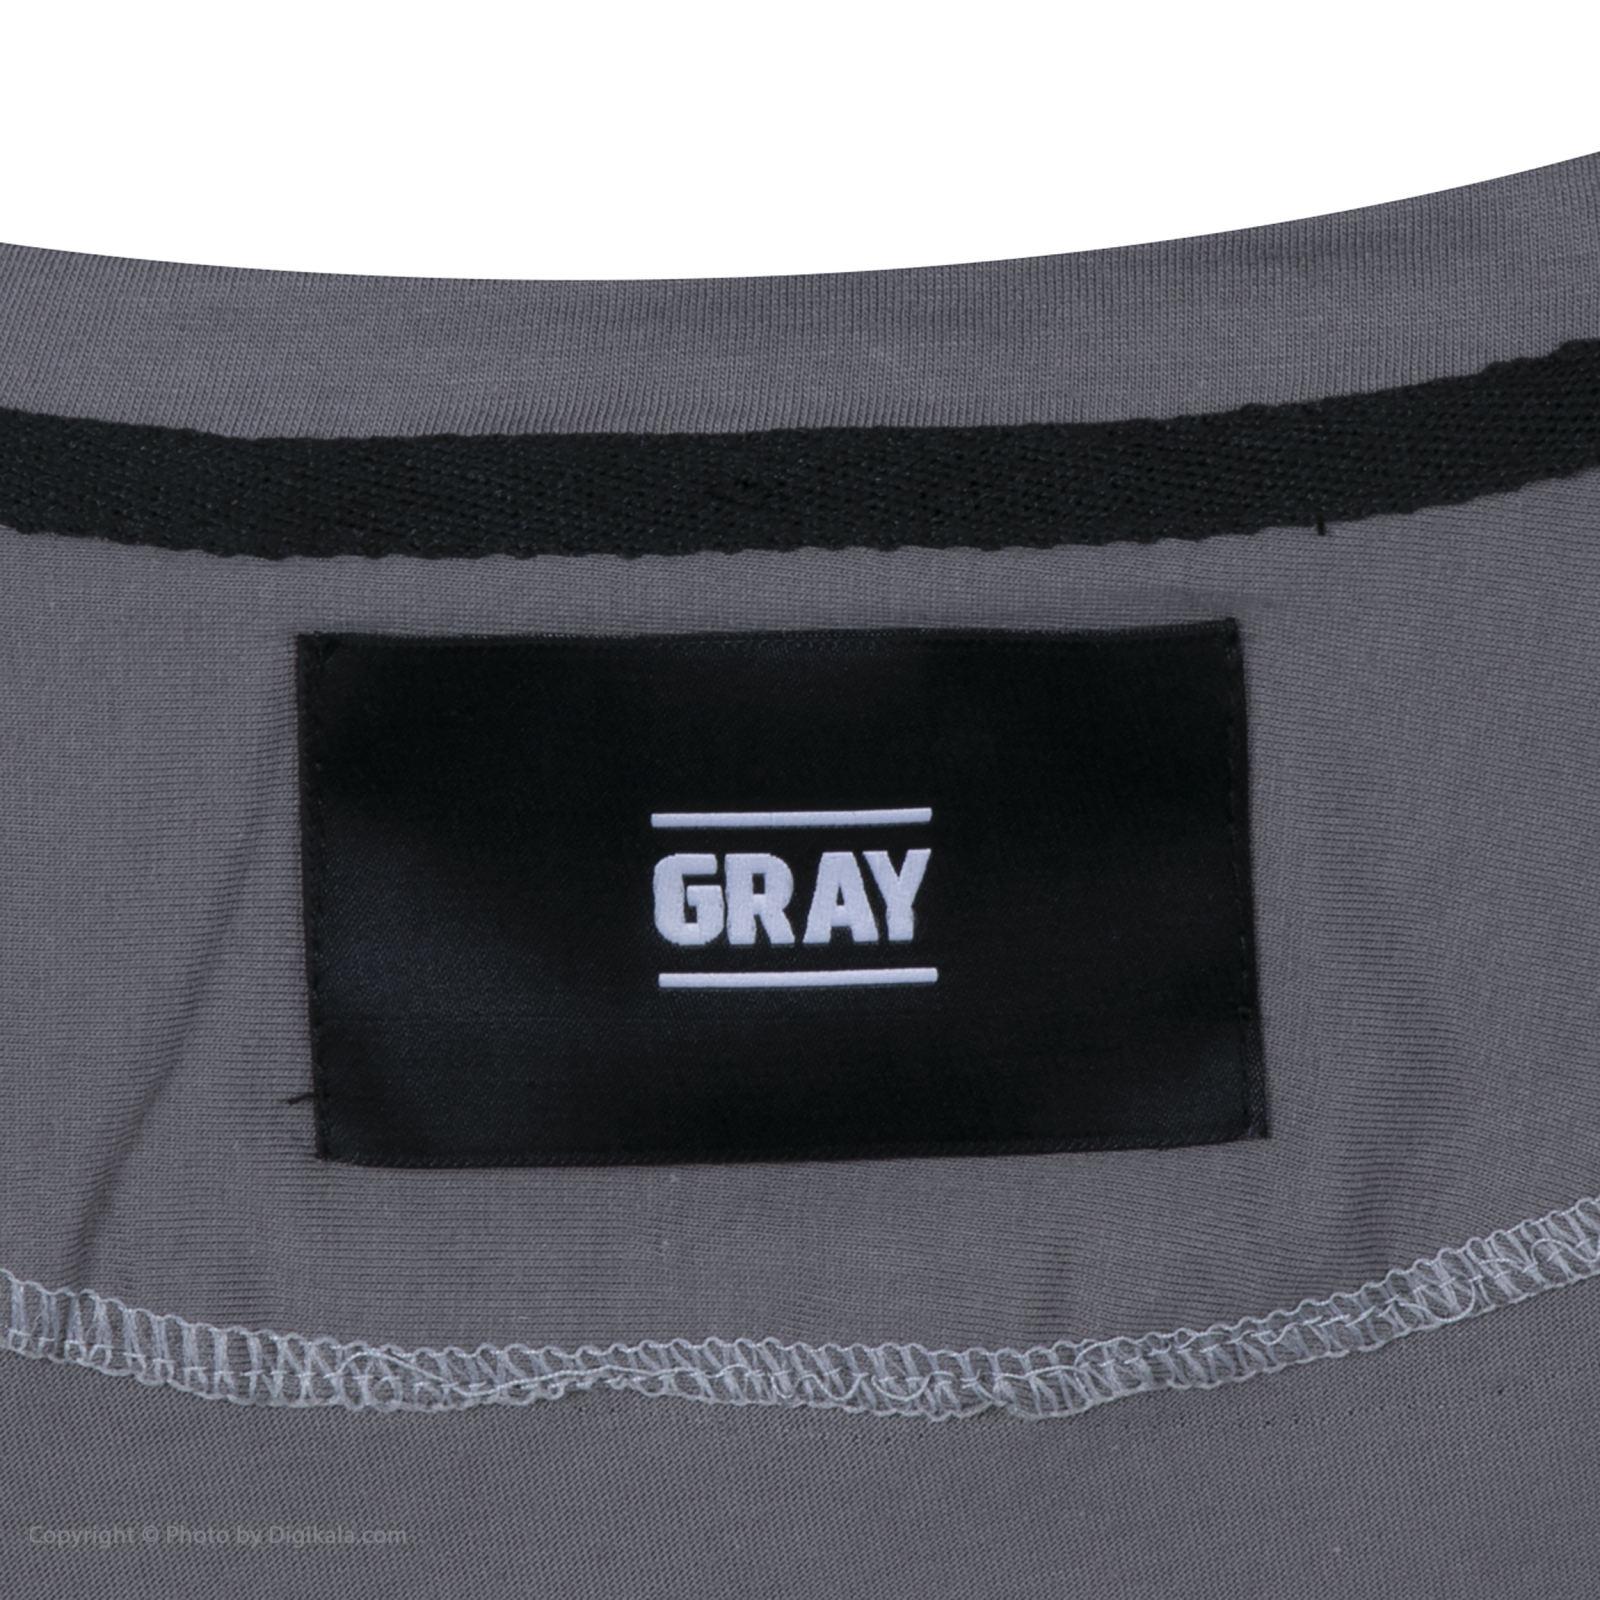 تیشرت آستین کوتاه مردانه گری مدل GW34 -  - 5